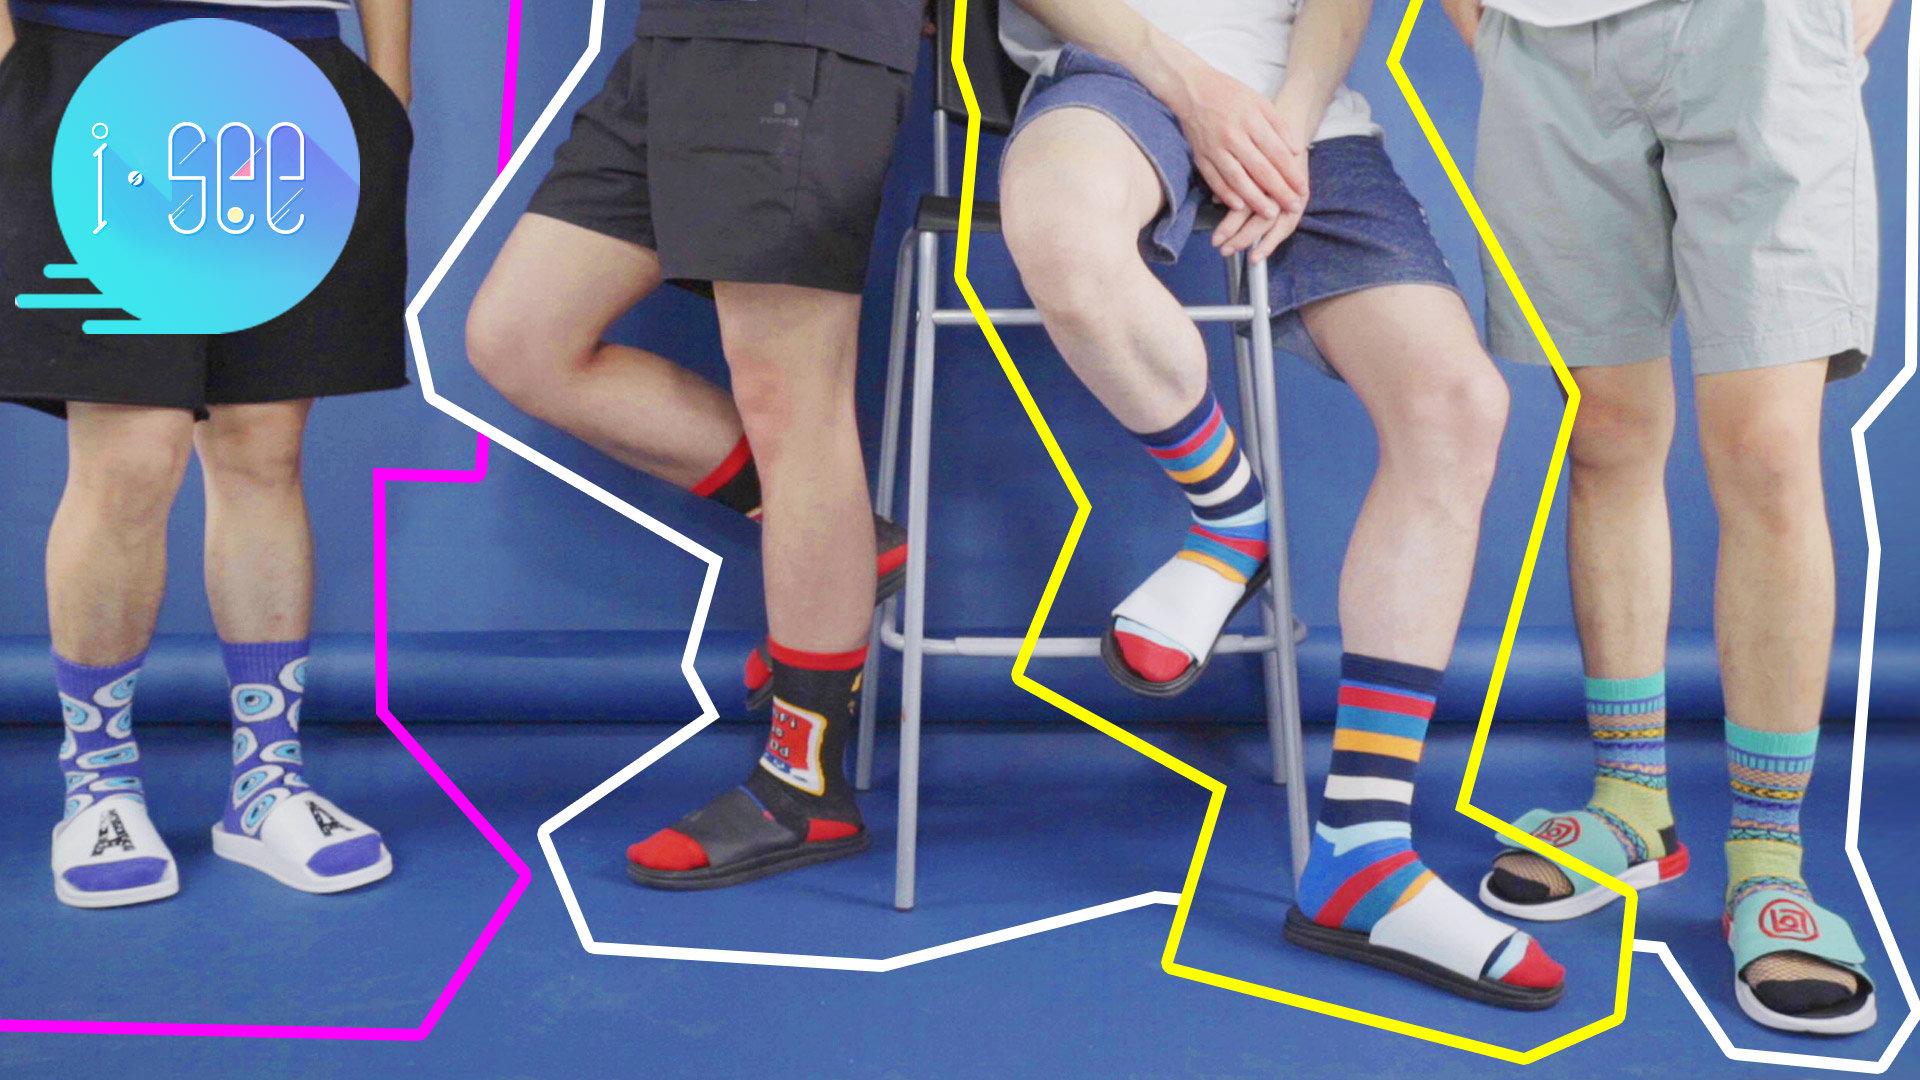 袜子穿不对像山炮,你和潮男只差一双袜子的距离!